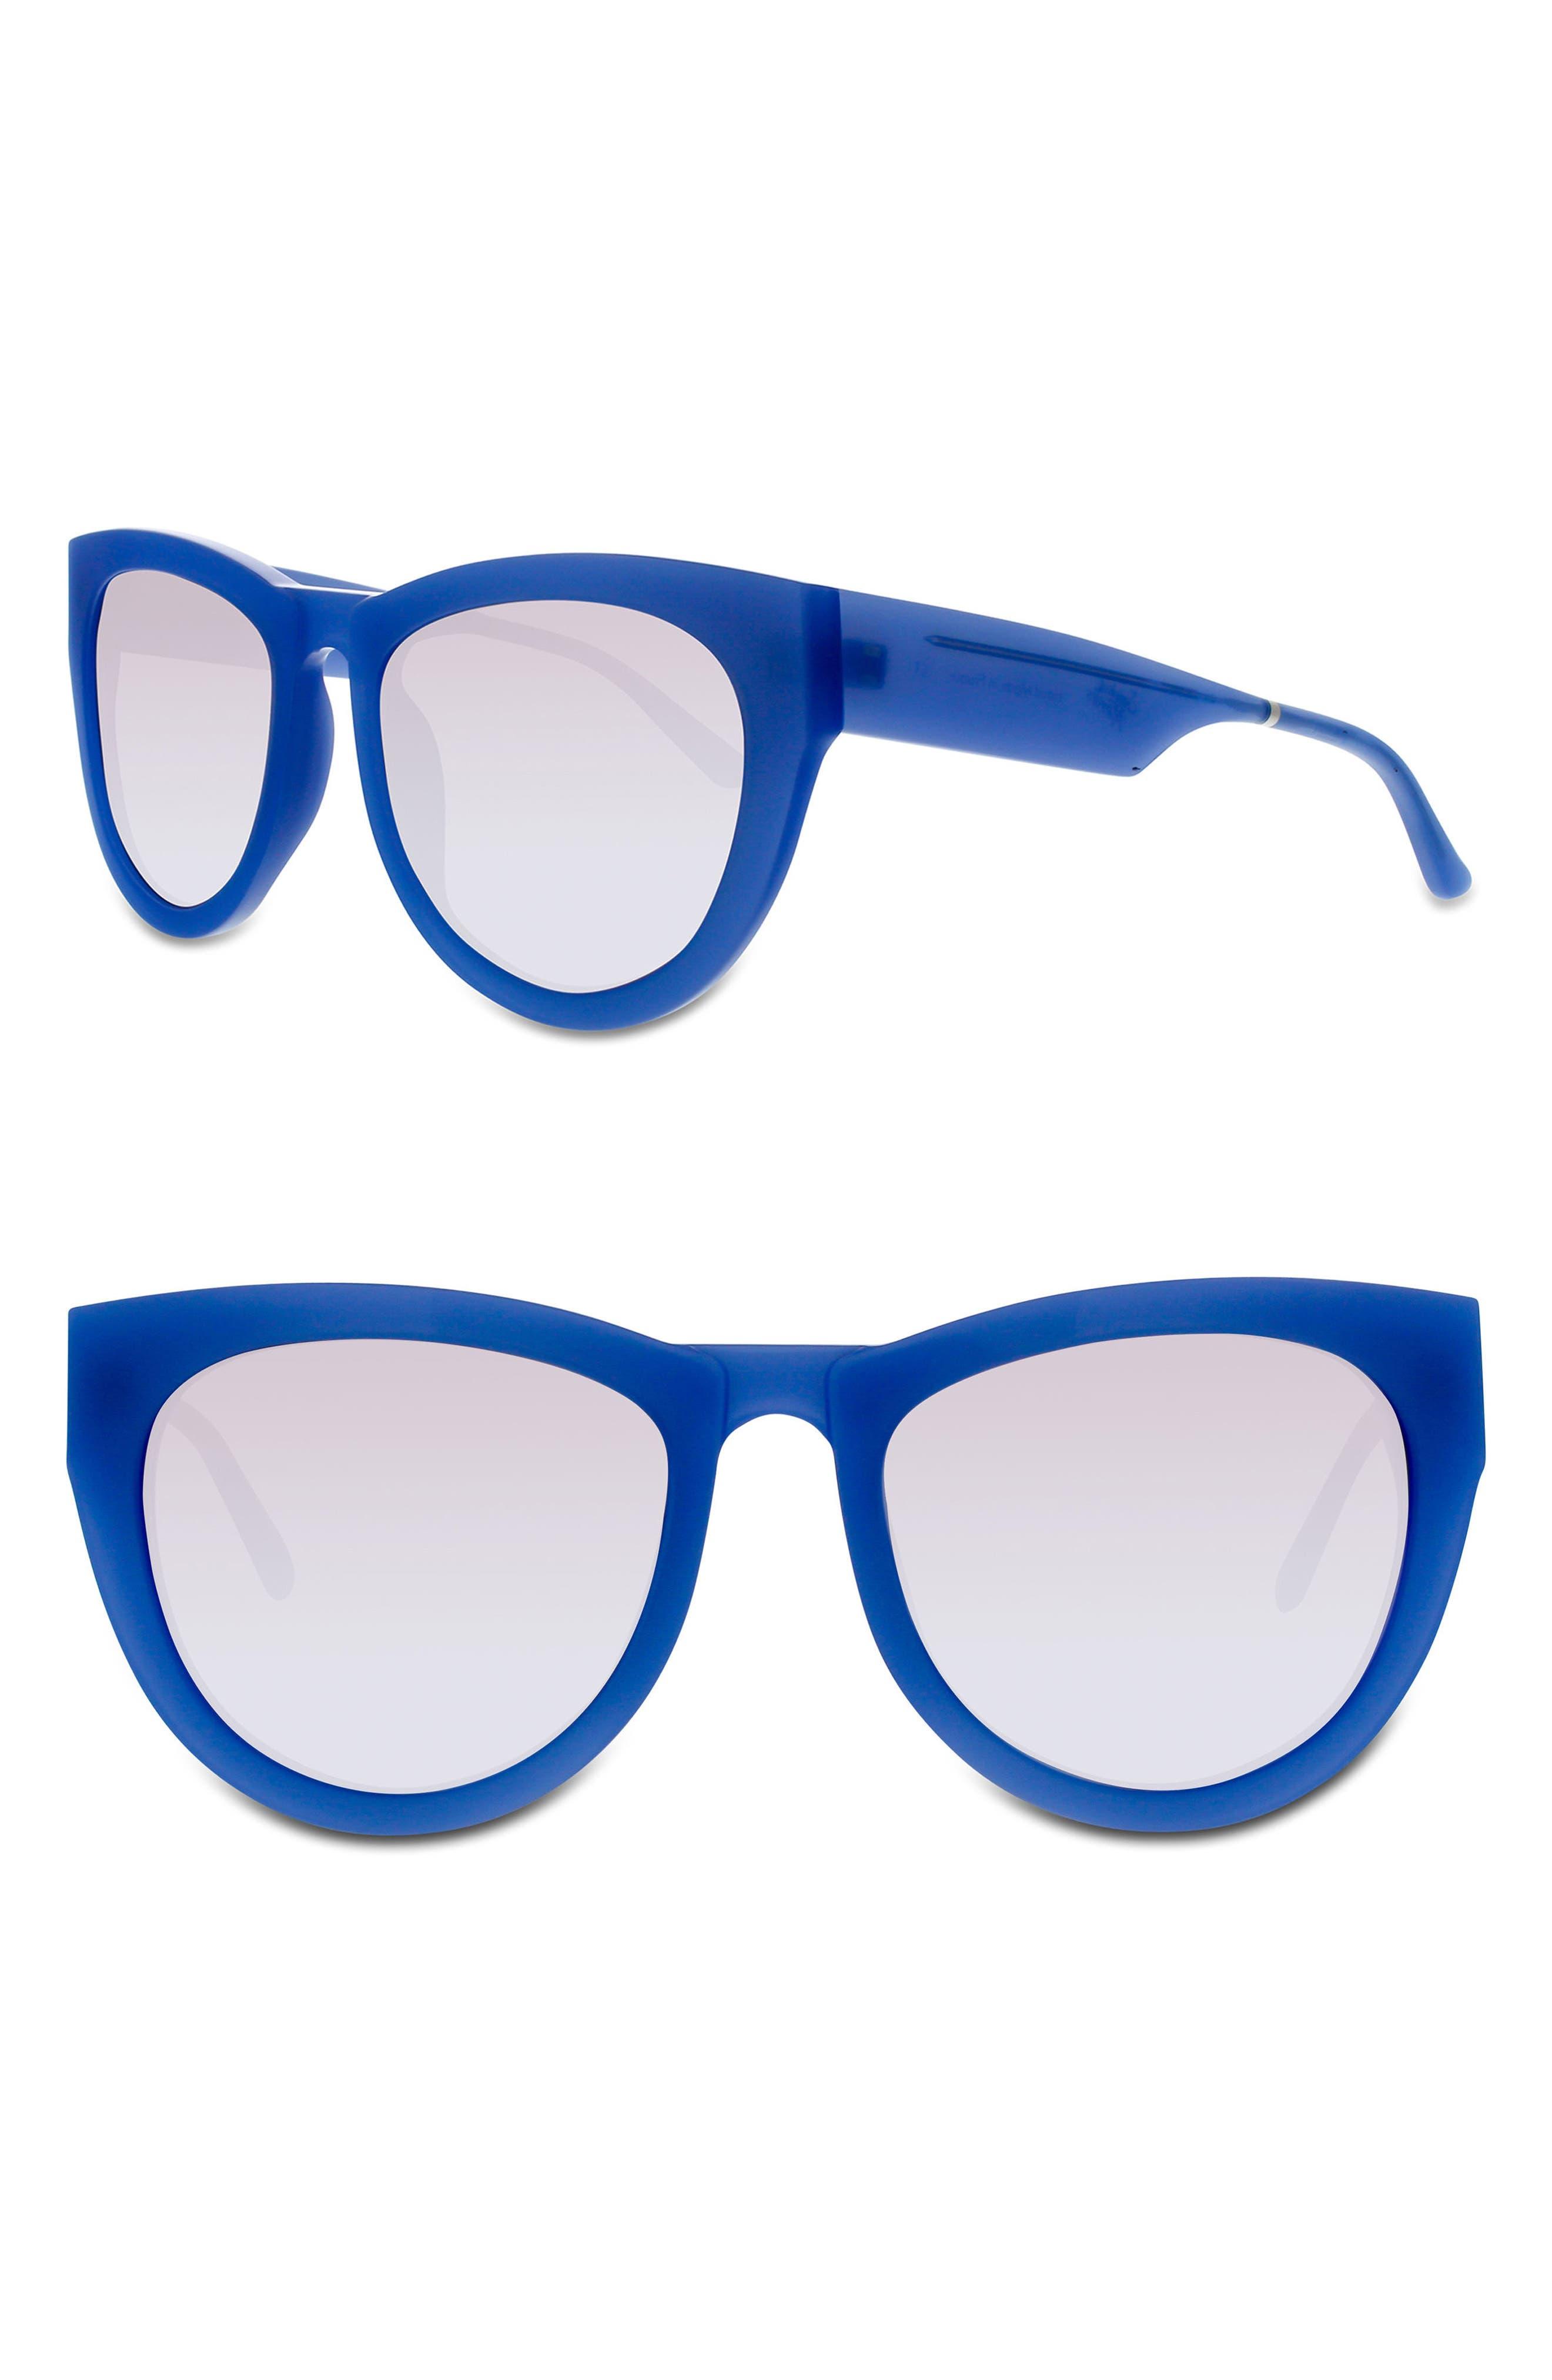 Runaround Sue 60mm Cat Eye Sunglasses,                         Main,                         color, BLUE BRIGHT/ SILVER MIRROR